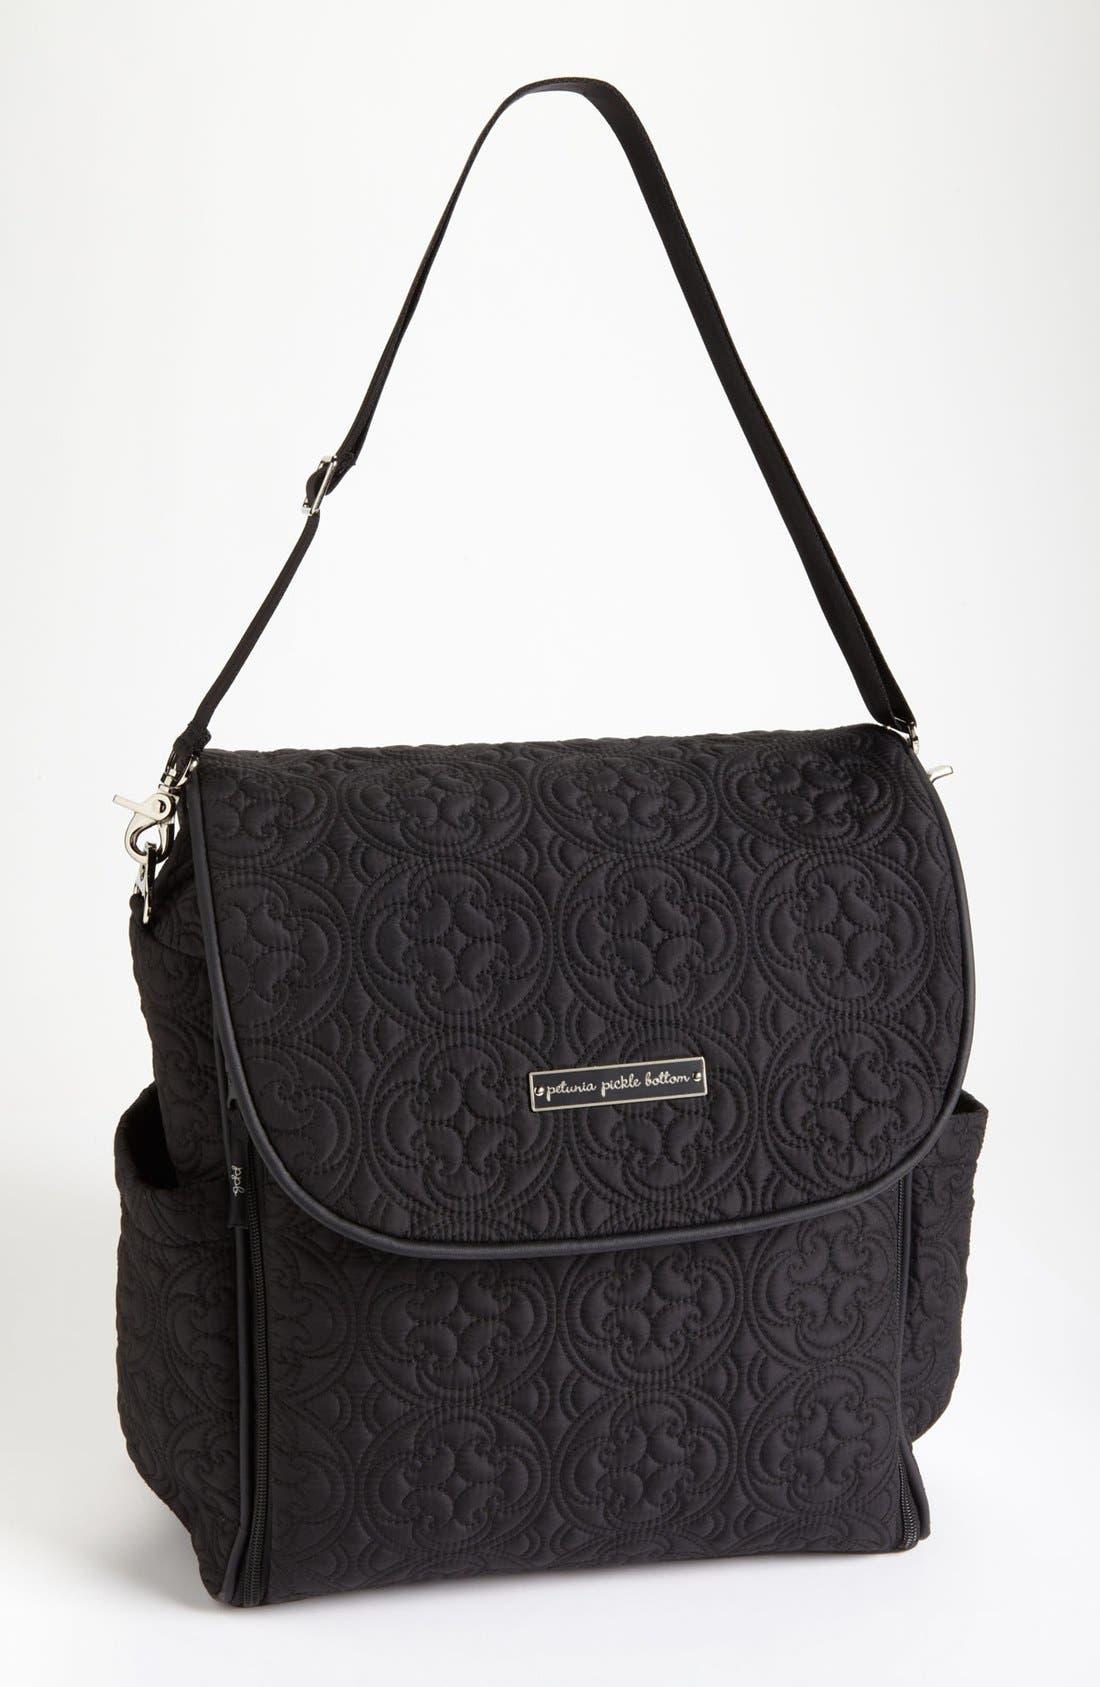 Main Image - Petunia Pickle Bottom 'Embossed Boxy' Backpack Diaper Bag